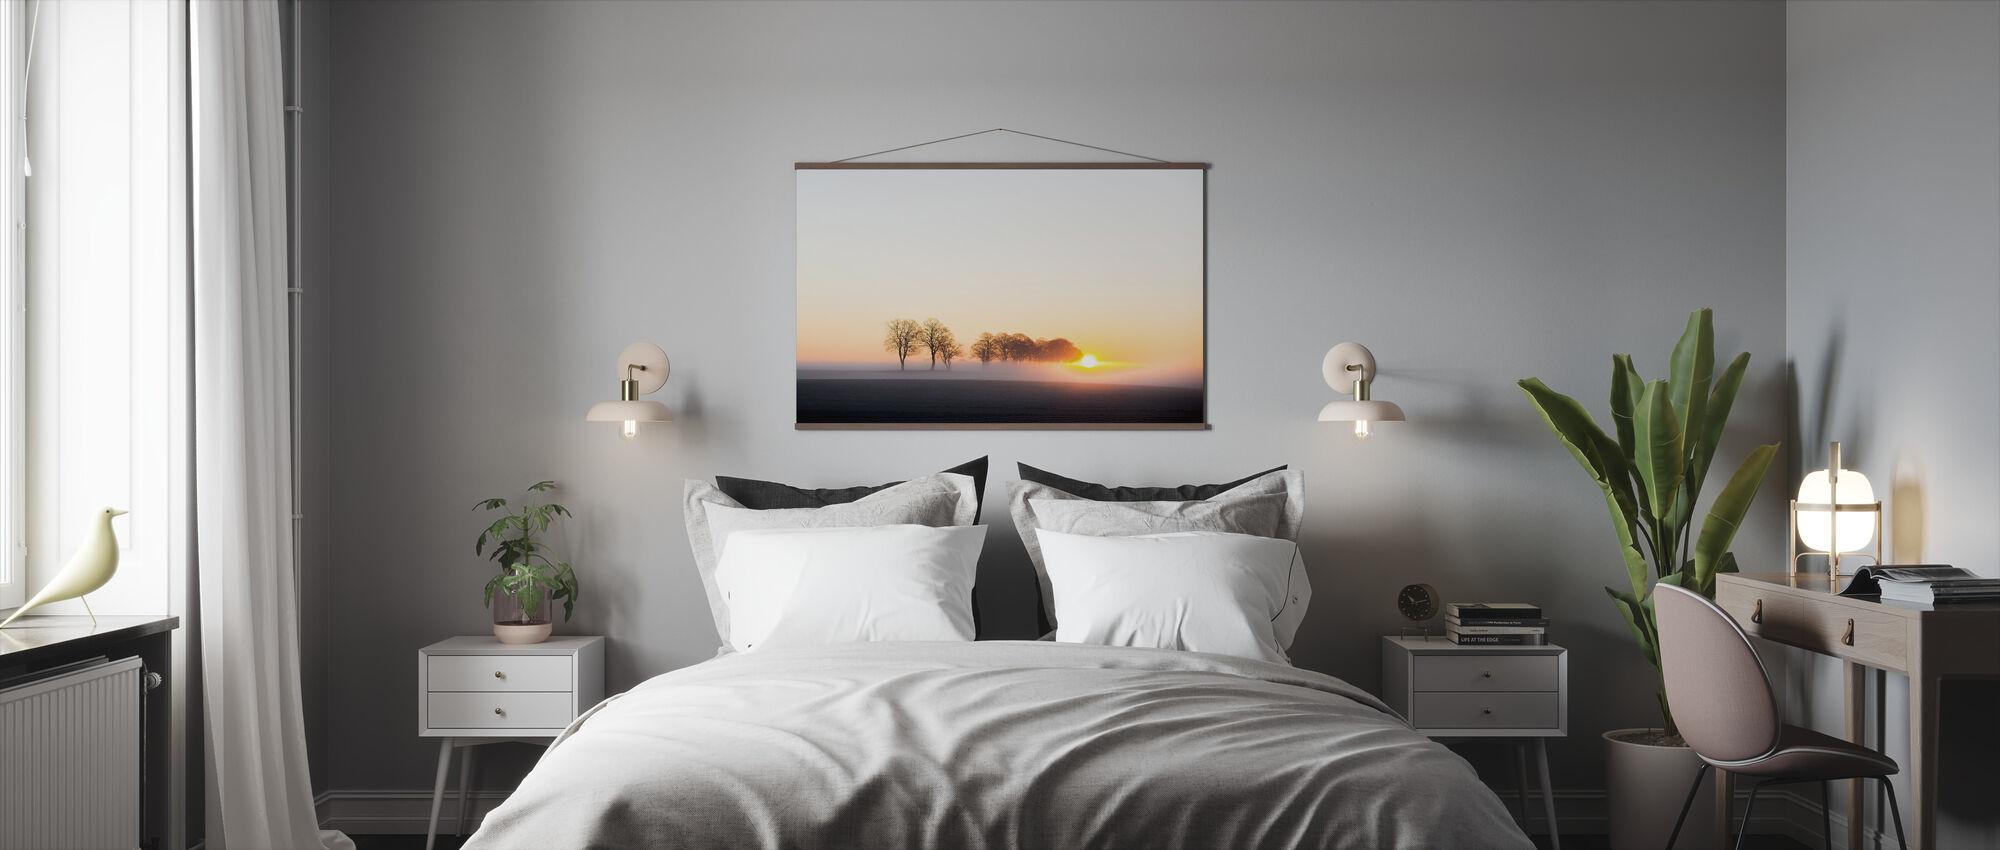 Herääminen Ruotsissa - Juliste - Makuuhuone